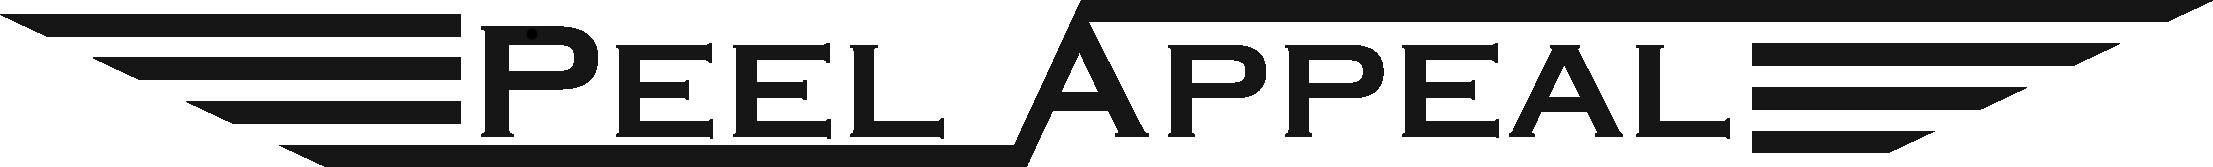 PeelAppeal_Logo1.jpg